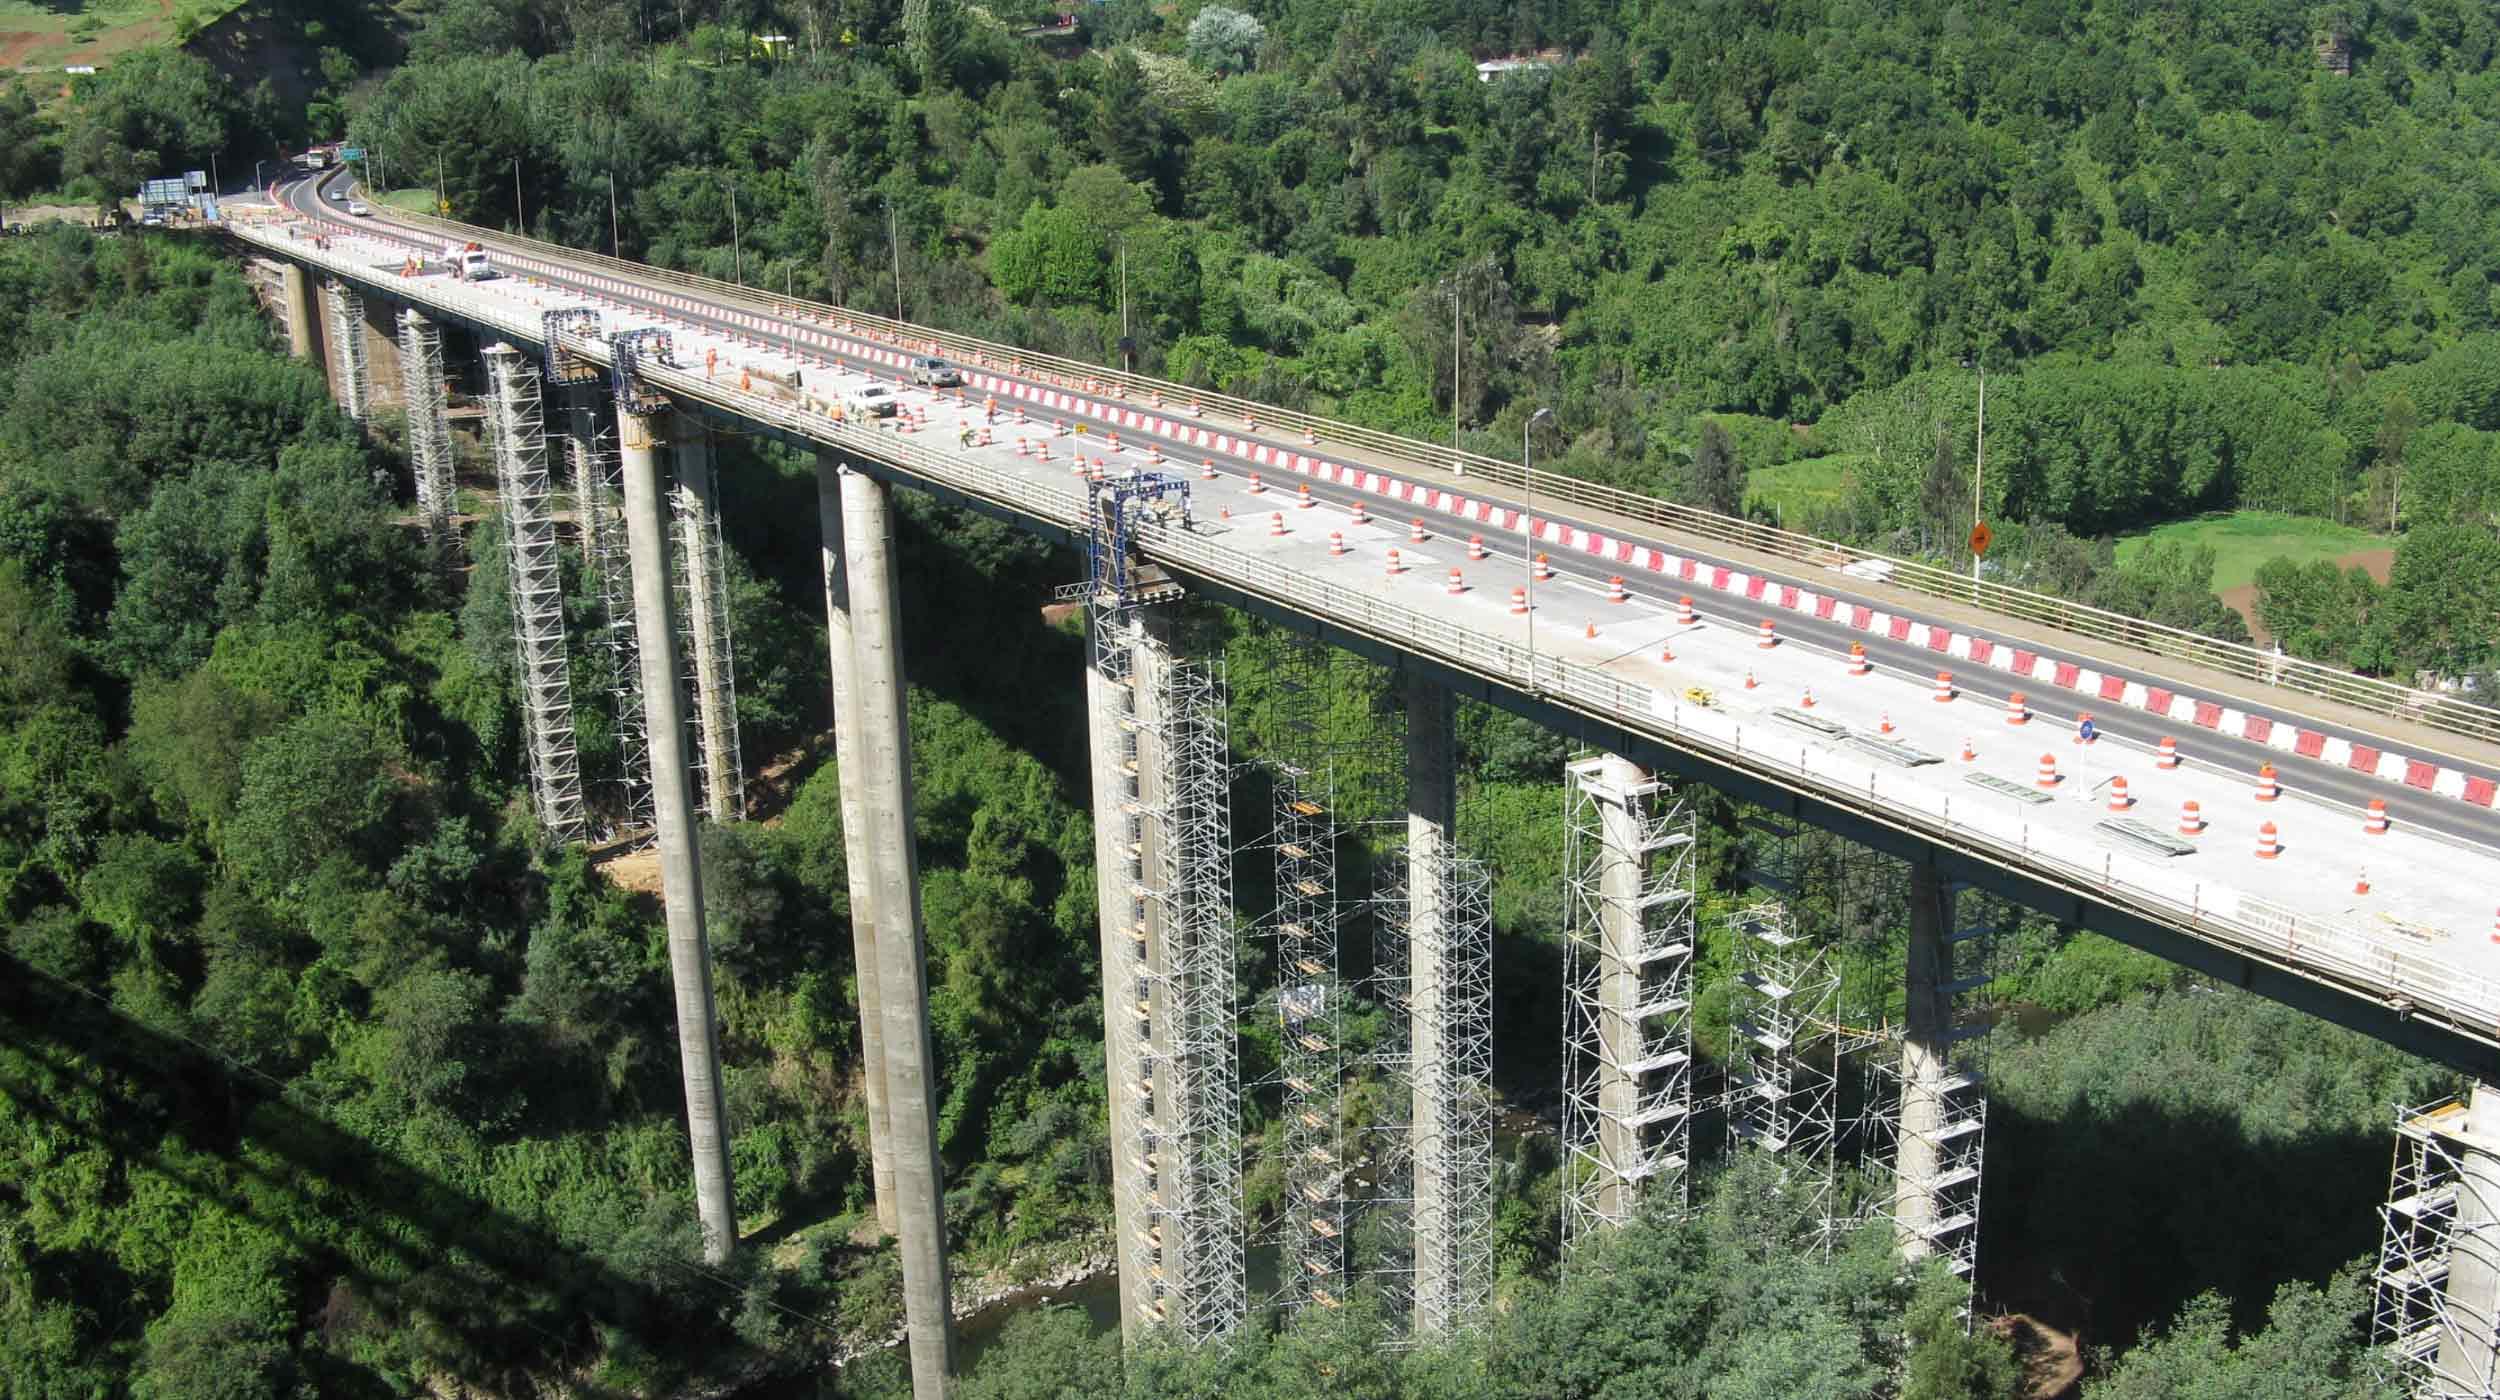 Se trata de un extenso puente carretero que atraviesa el río Malleco y que fue construido entre 1968 y 1973 para mejorar las comunicaciones viales del país.